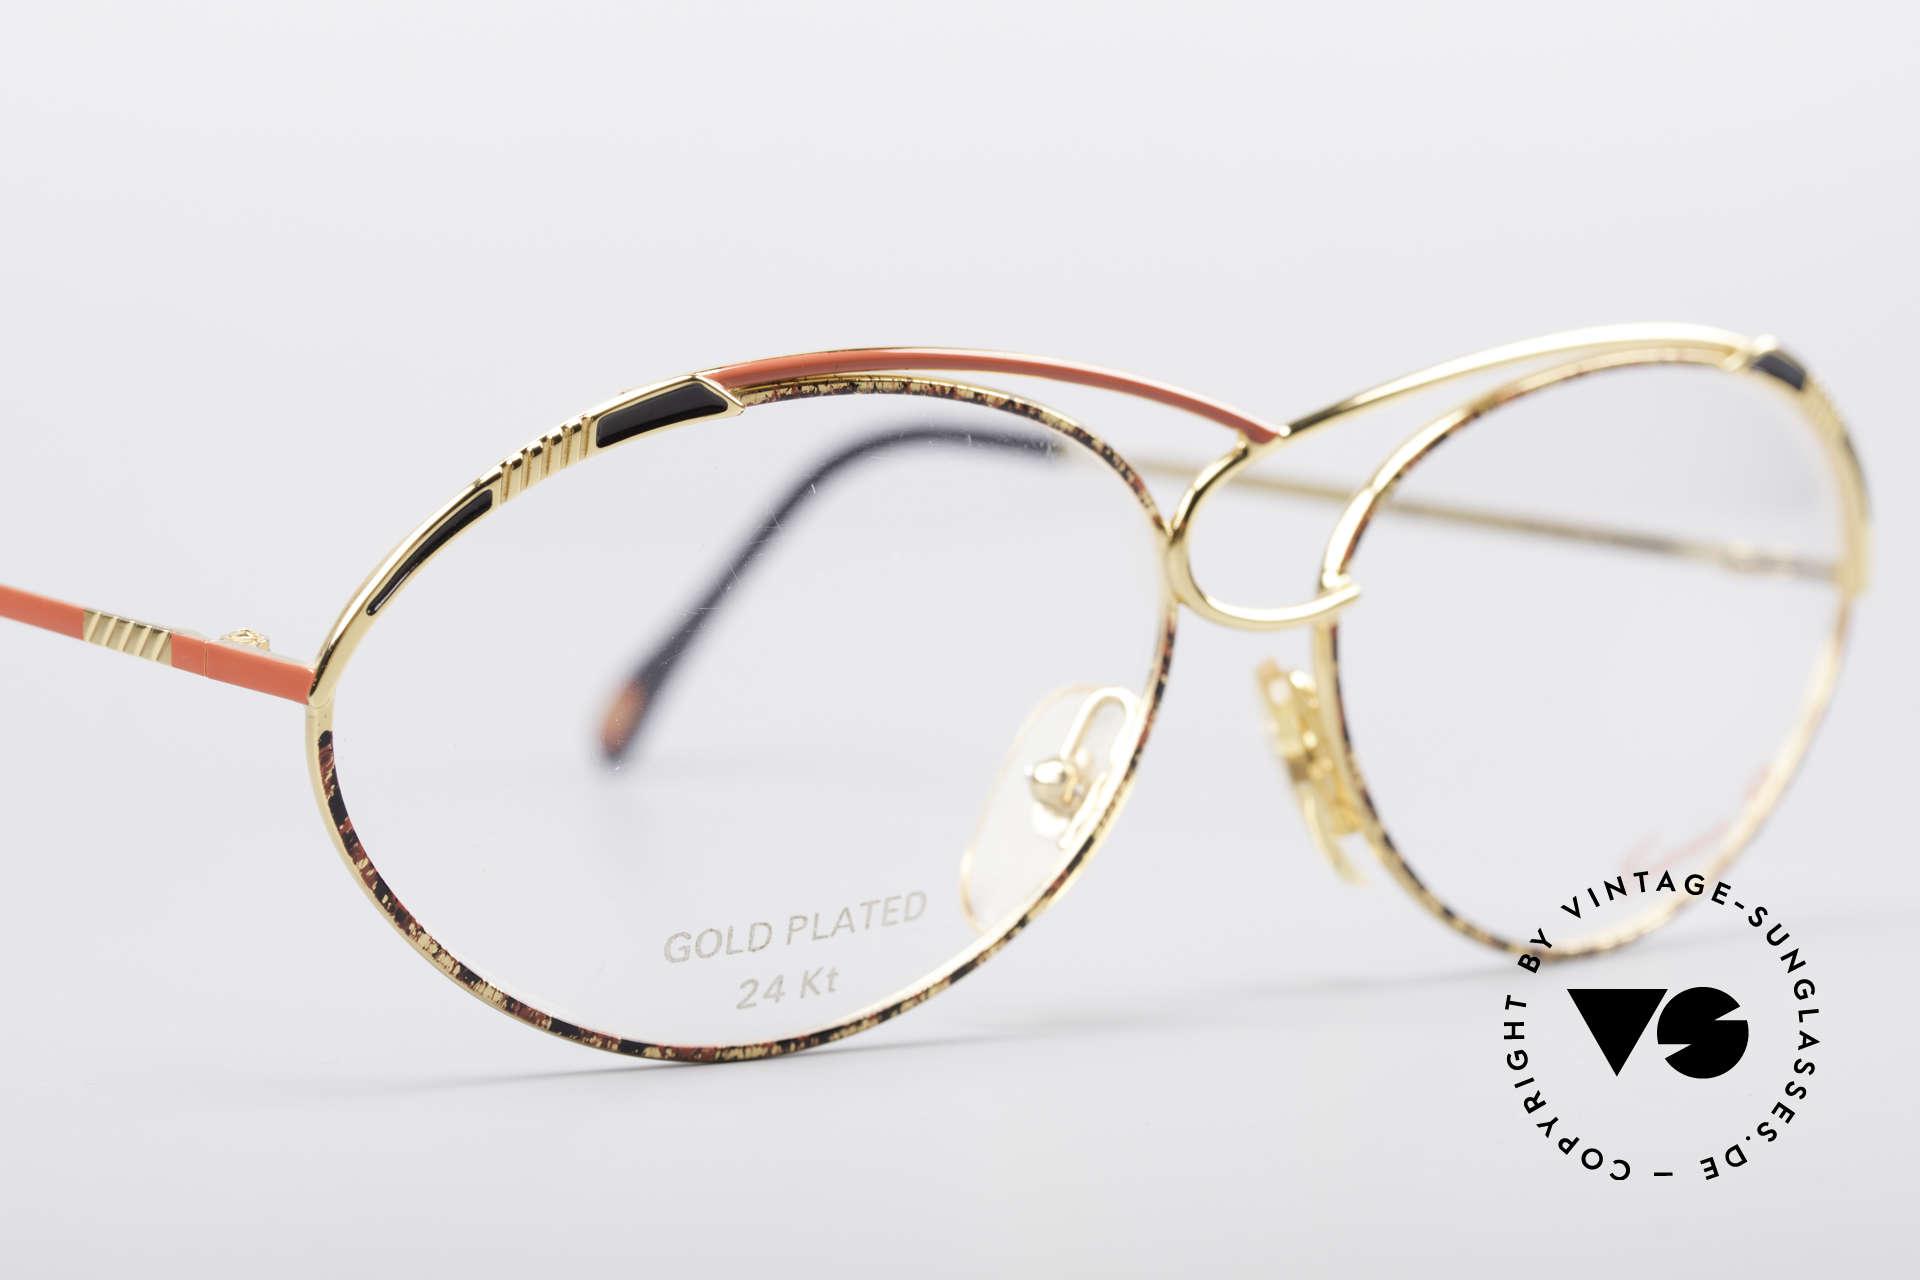 Casanova LC13 24kt Vergoldete Brille, ungetragen (wie alle unsere 80er vintage Kunst-Brillen), Passend für Damen